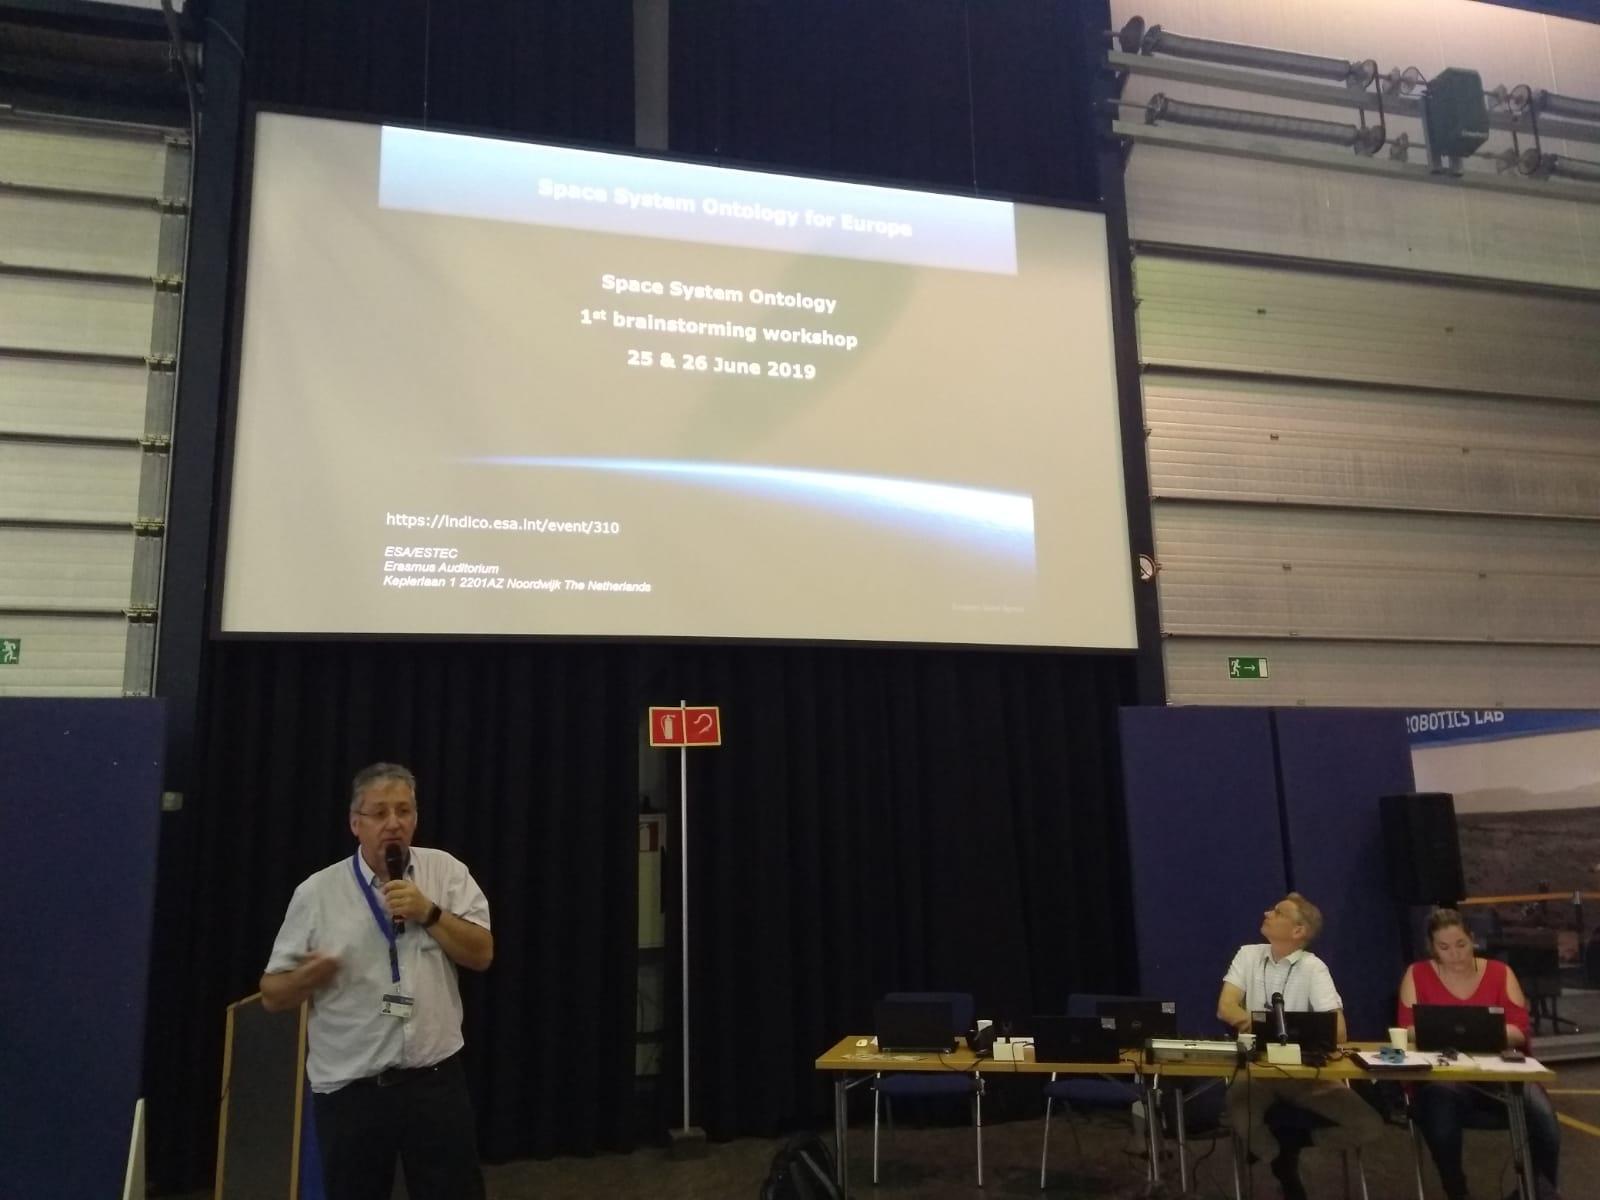 ontology workshop opening presentation